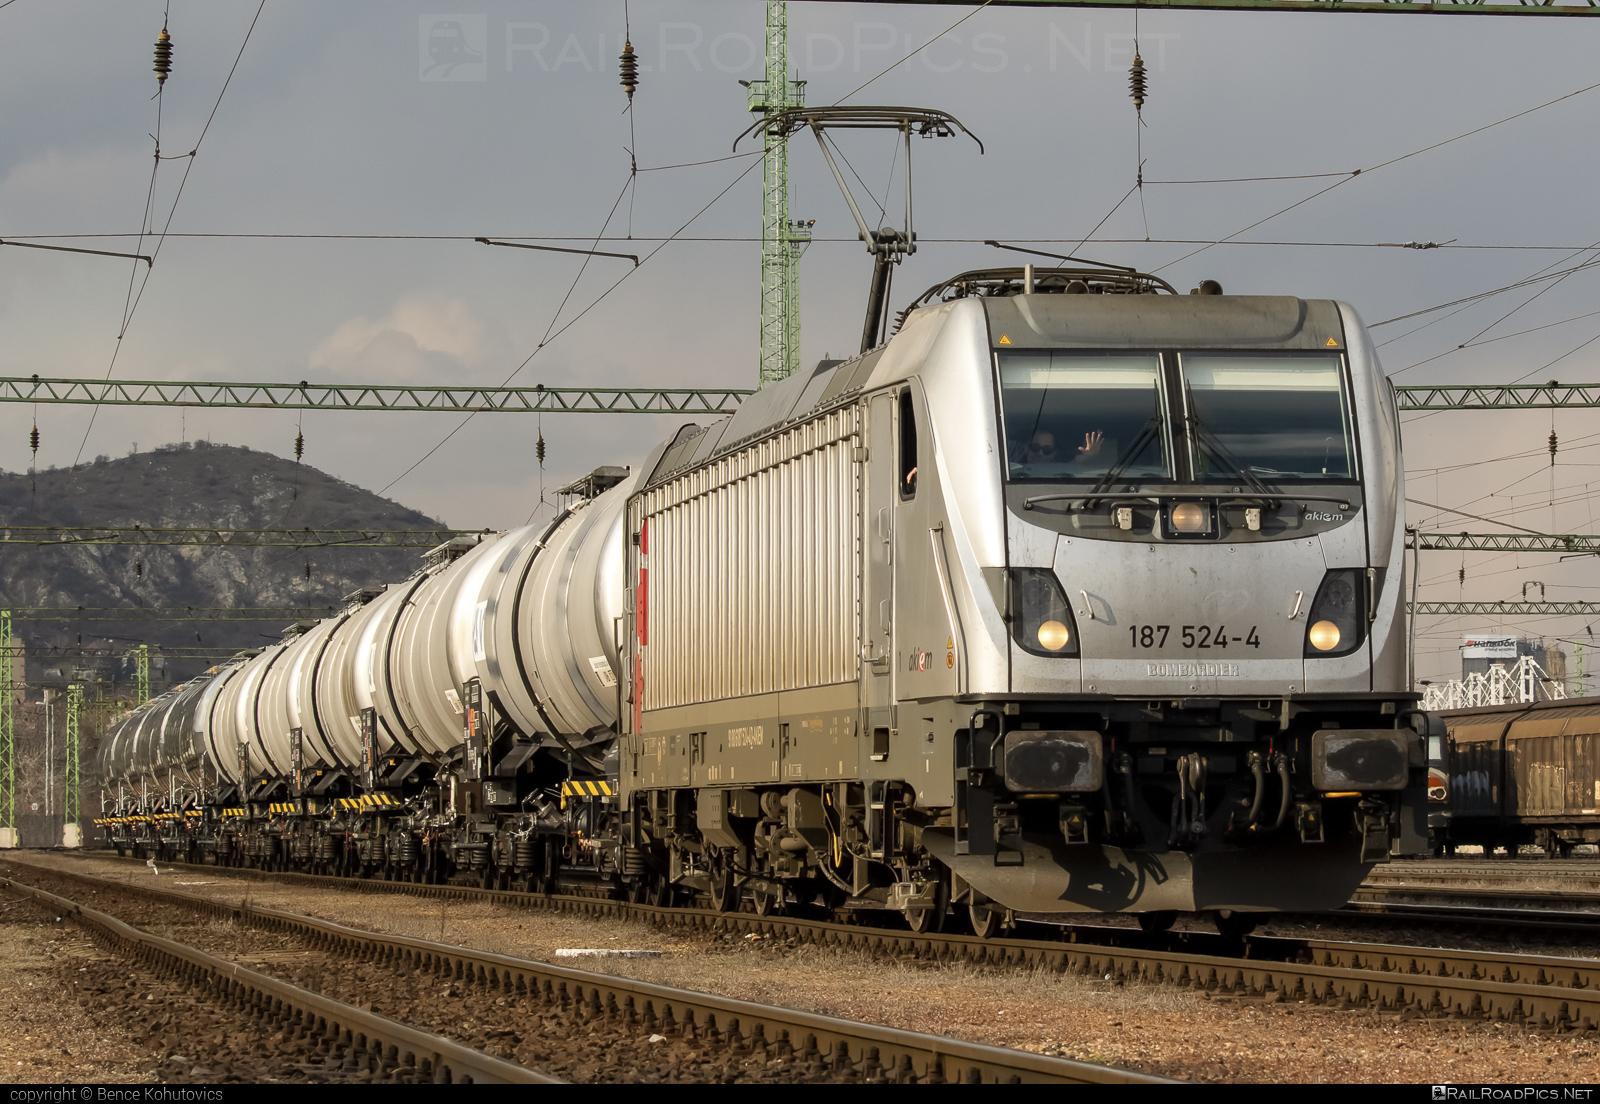 Bombardier TRAXX F140 AC3 - 187 524-4 operated by LTE Hungária Vasúti Árufuvarozó és Logisztikai Kft. #akiem #akiemsas #bombardier #bombardiertraxx #kesselwagen #tankwagon #traxx #traxxf140 #traxxf140ac #traxxf140ac3